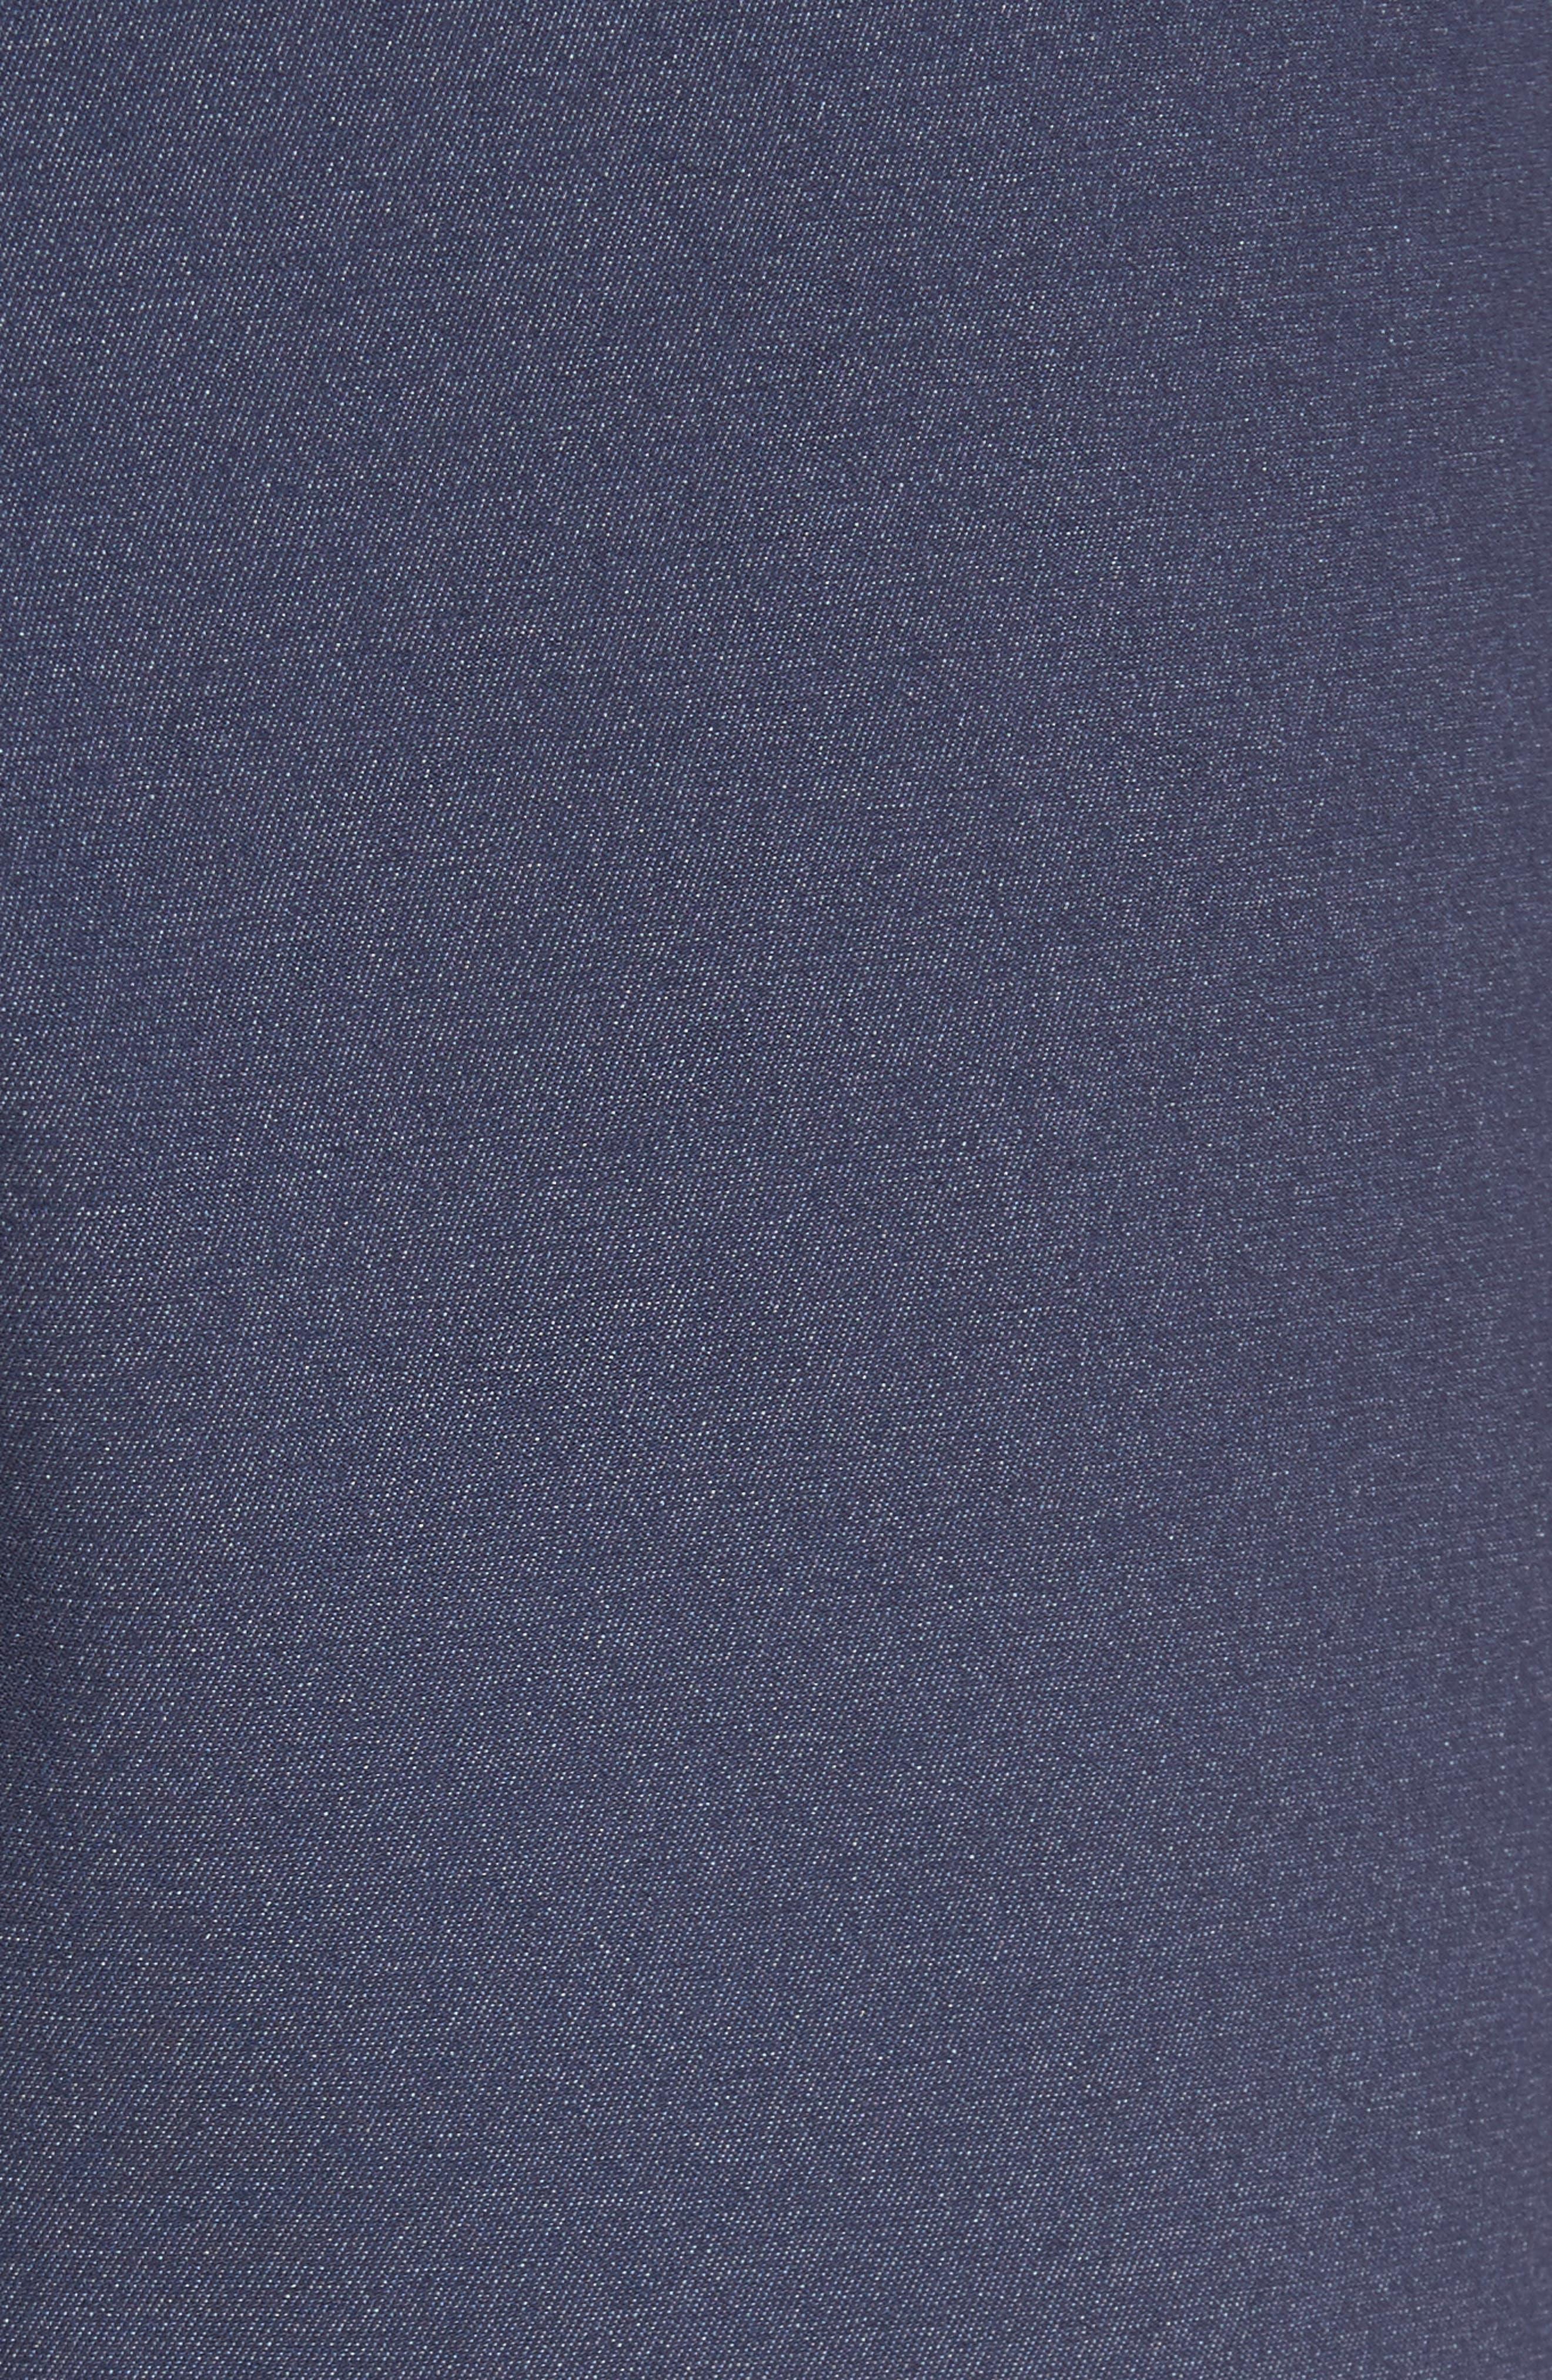 Templeton Shorts,                             Alternate thumbnail 5, color,